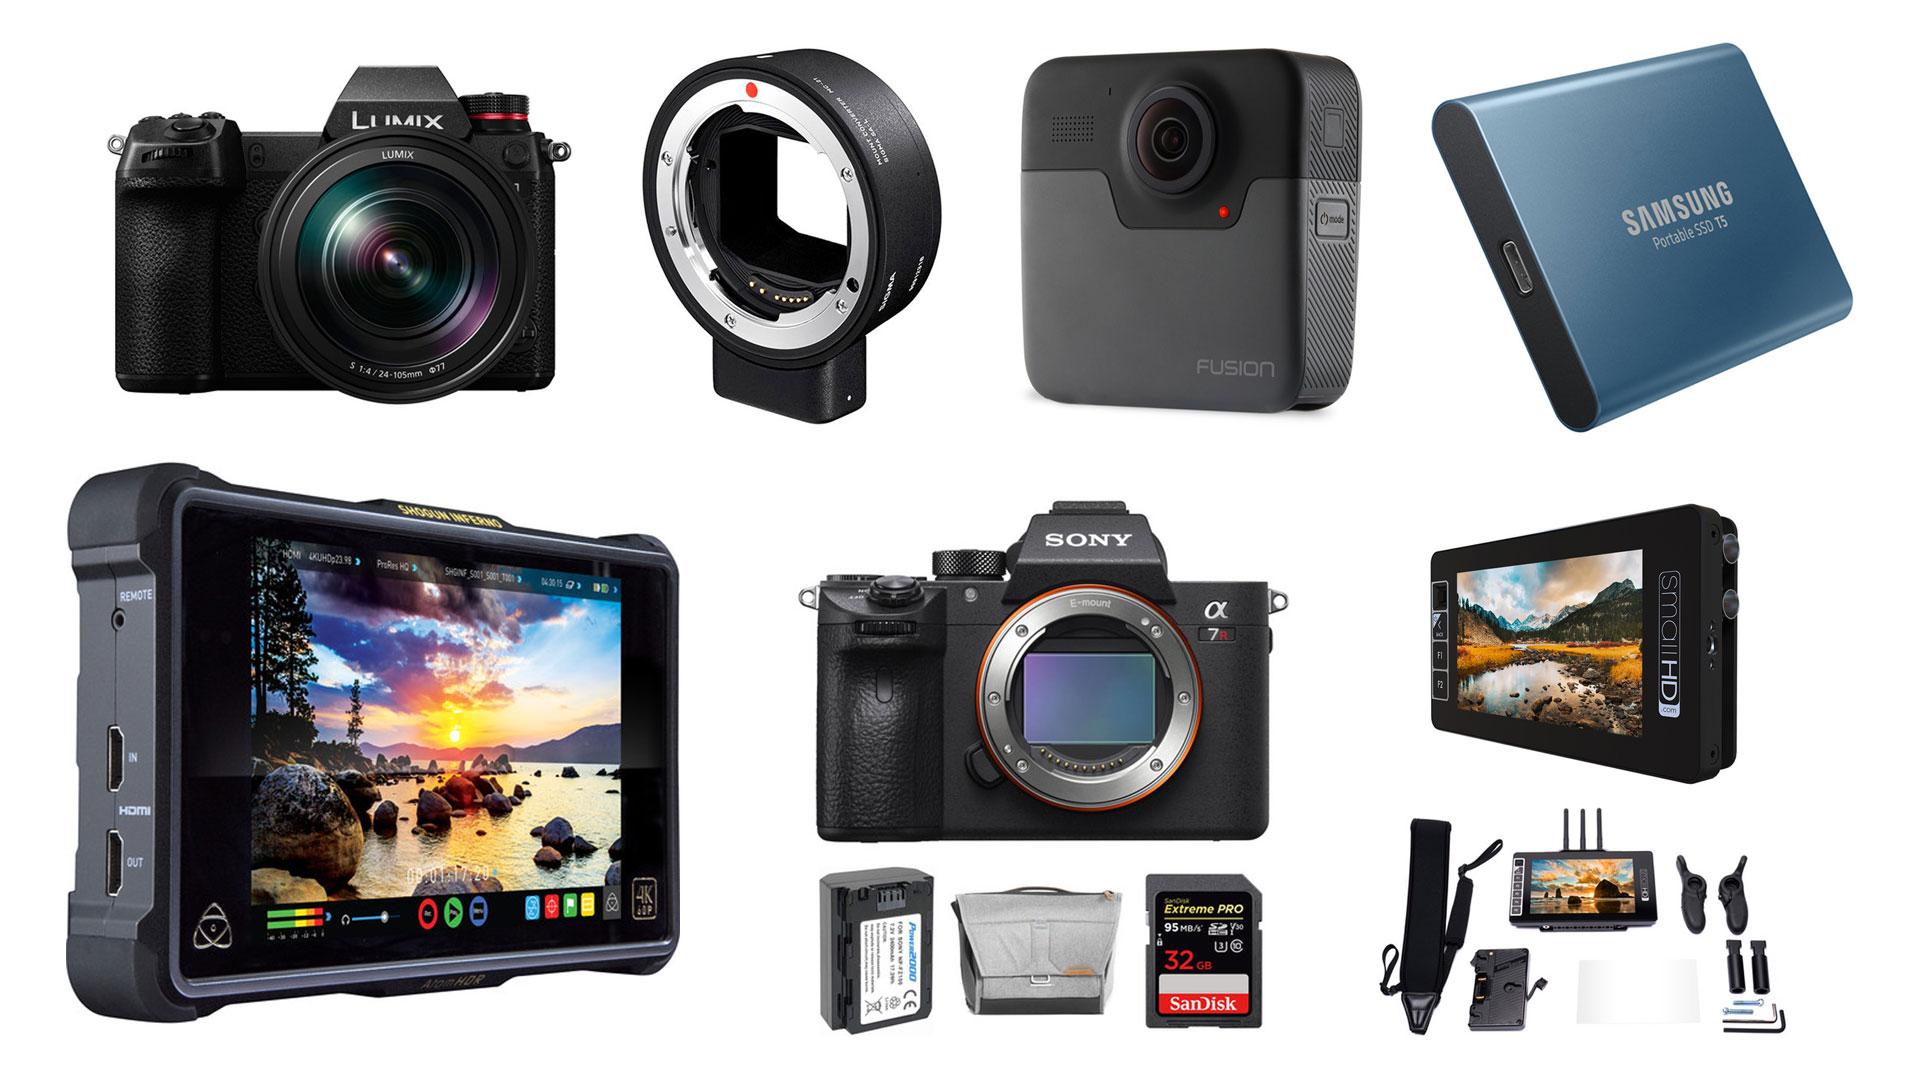 Las mejores ofertas en productos de filmación de la semana, de Sony, SmallHD, GoPro, Atomos, Samsung y más